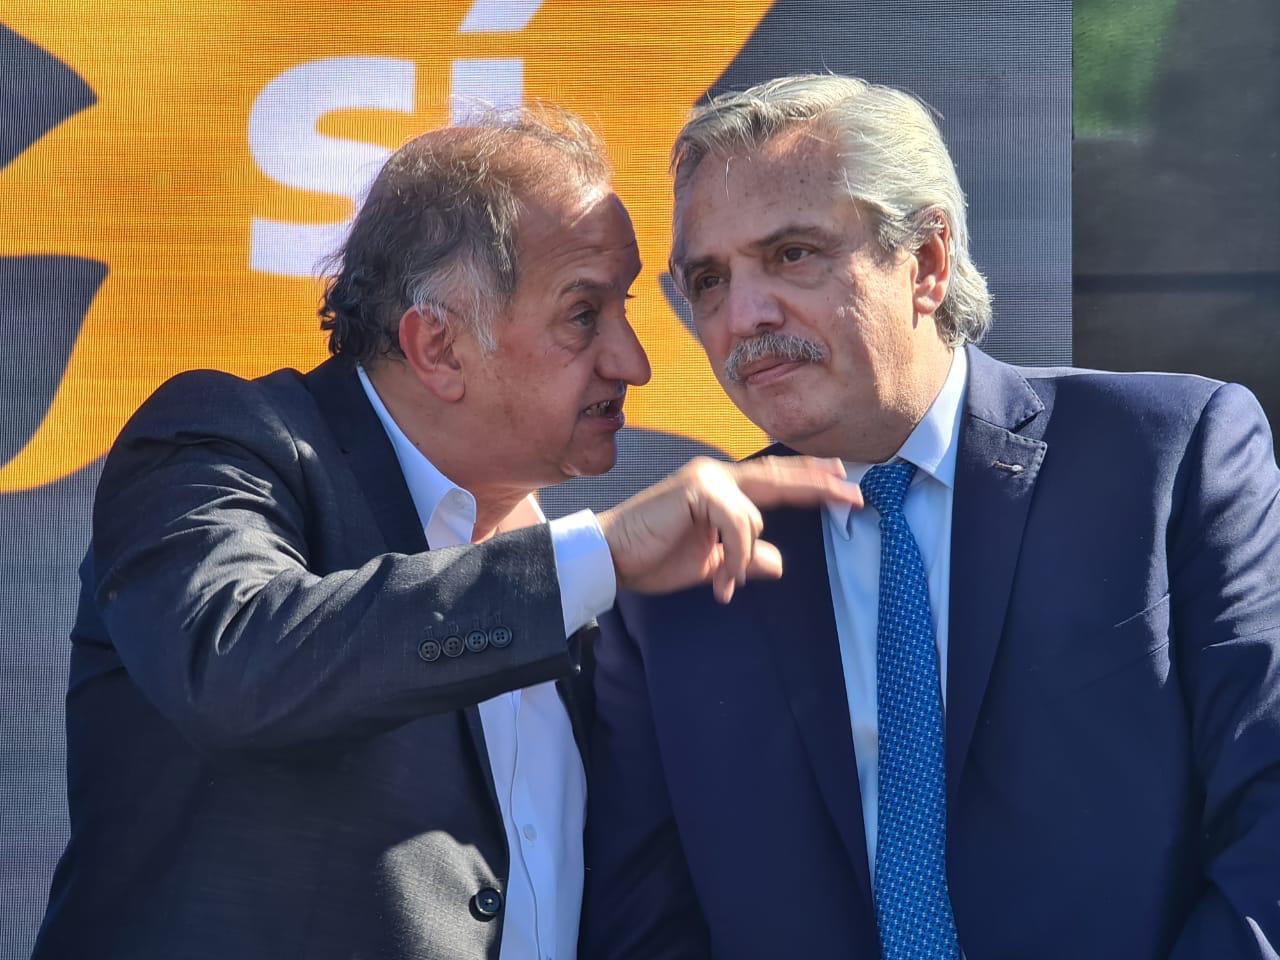 """Linares: """"Estamos orgullosos de este Gobierno de la gente y estamos agradecidos de que hoy estén con nosotros"""""""